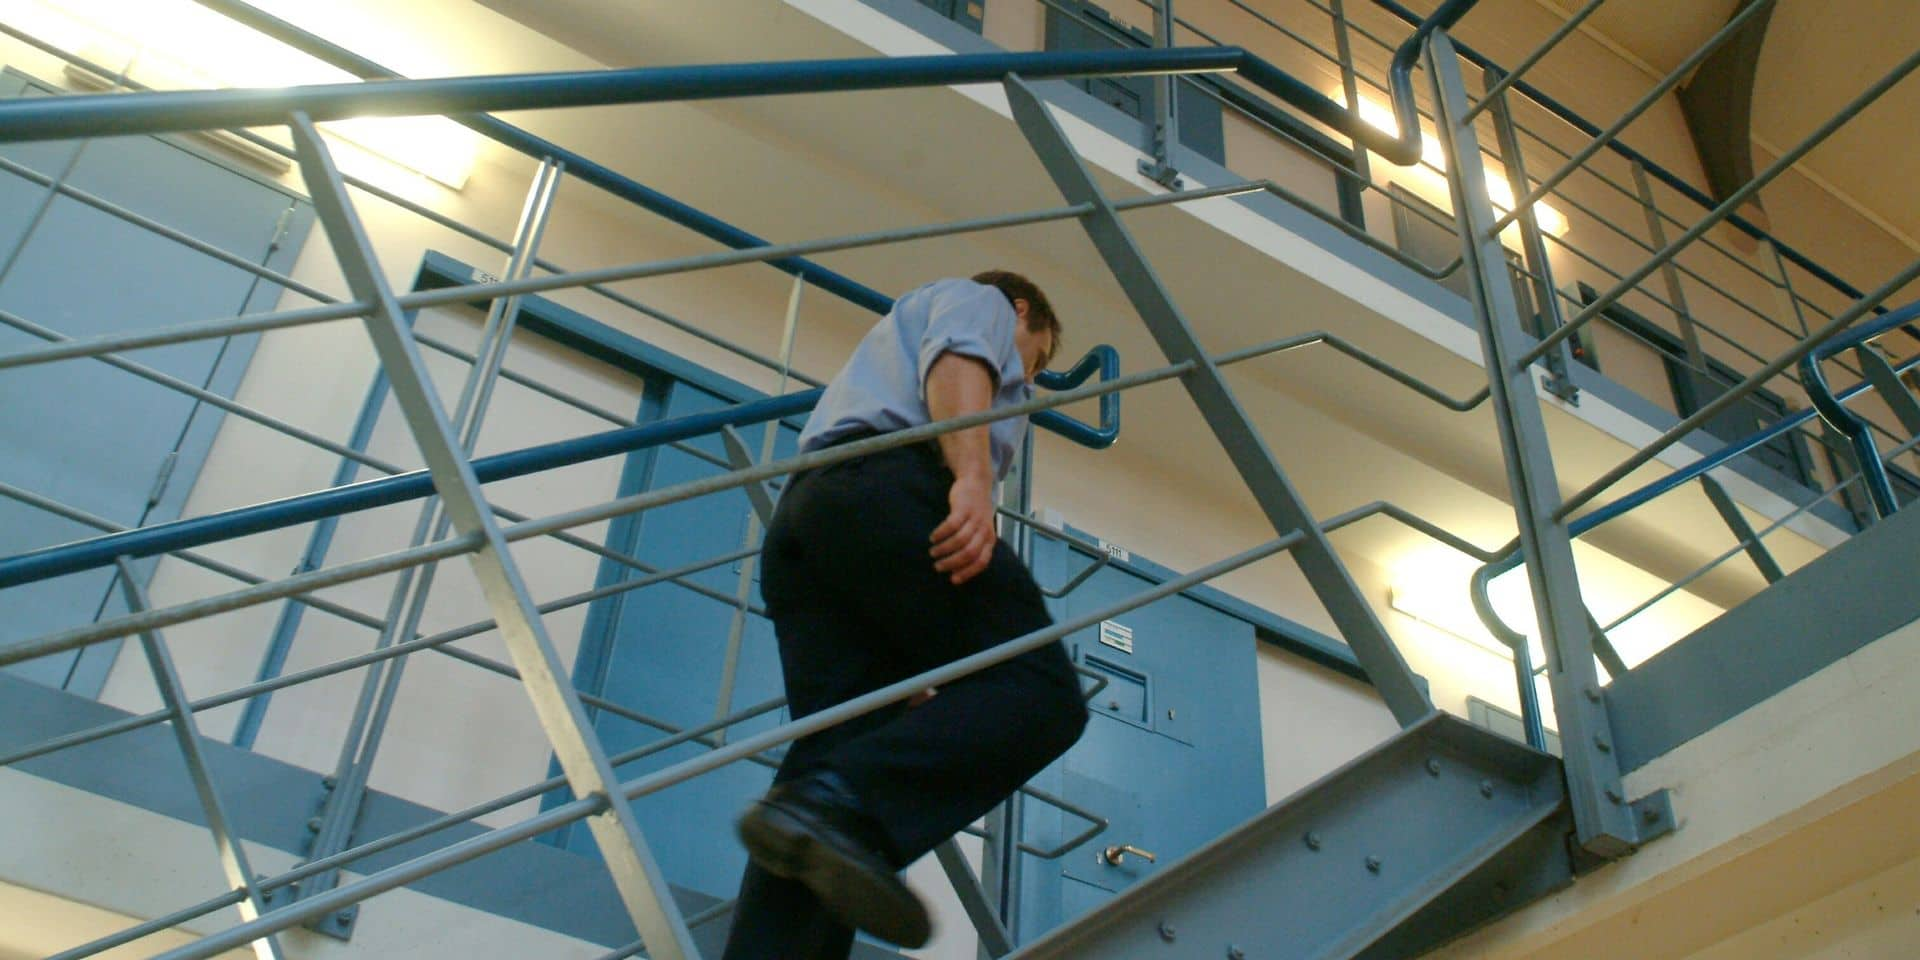 Grève dans les prisons : Les actions de grève dans les prisons sont suspendues